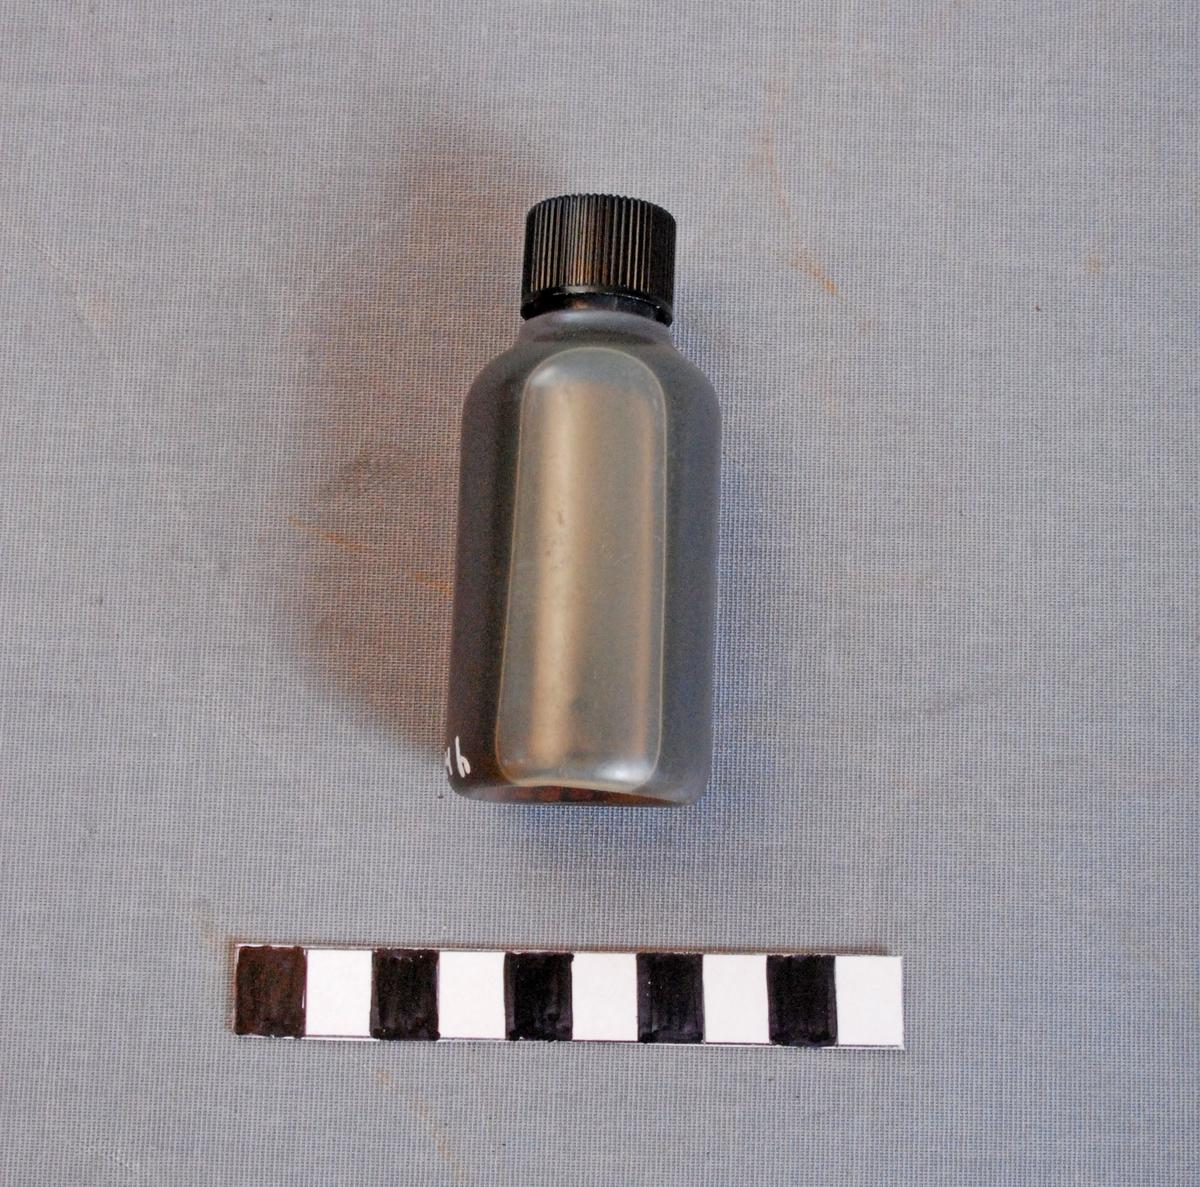 Oljeflaske for bruk til linepistol/redningspistol. Flasken er sylindrisk og har svart plastkork. Inneholder olje.